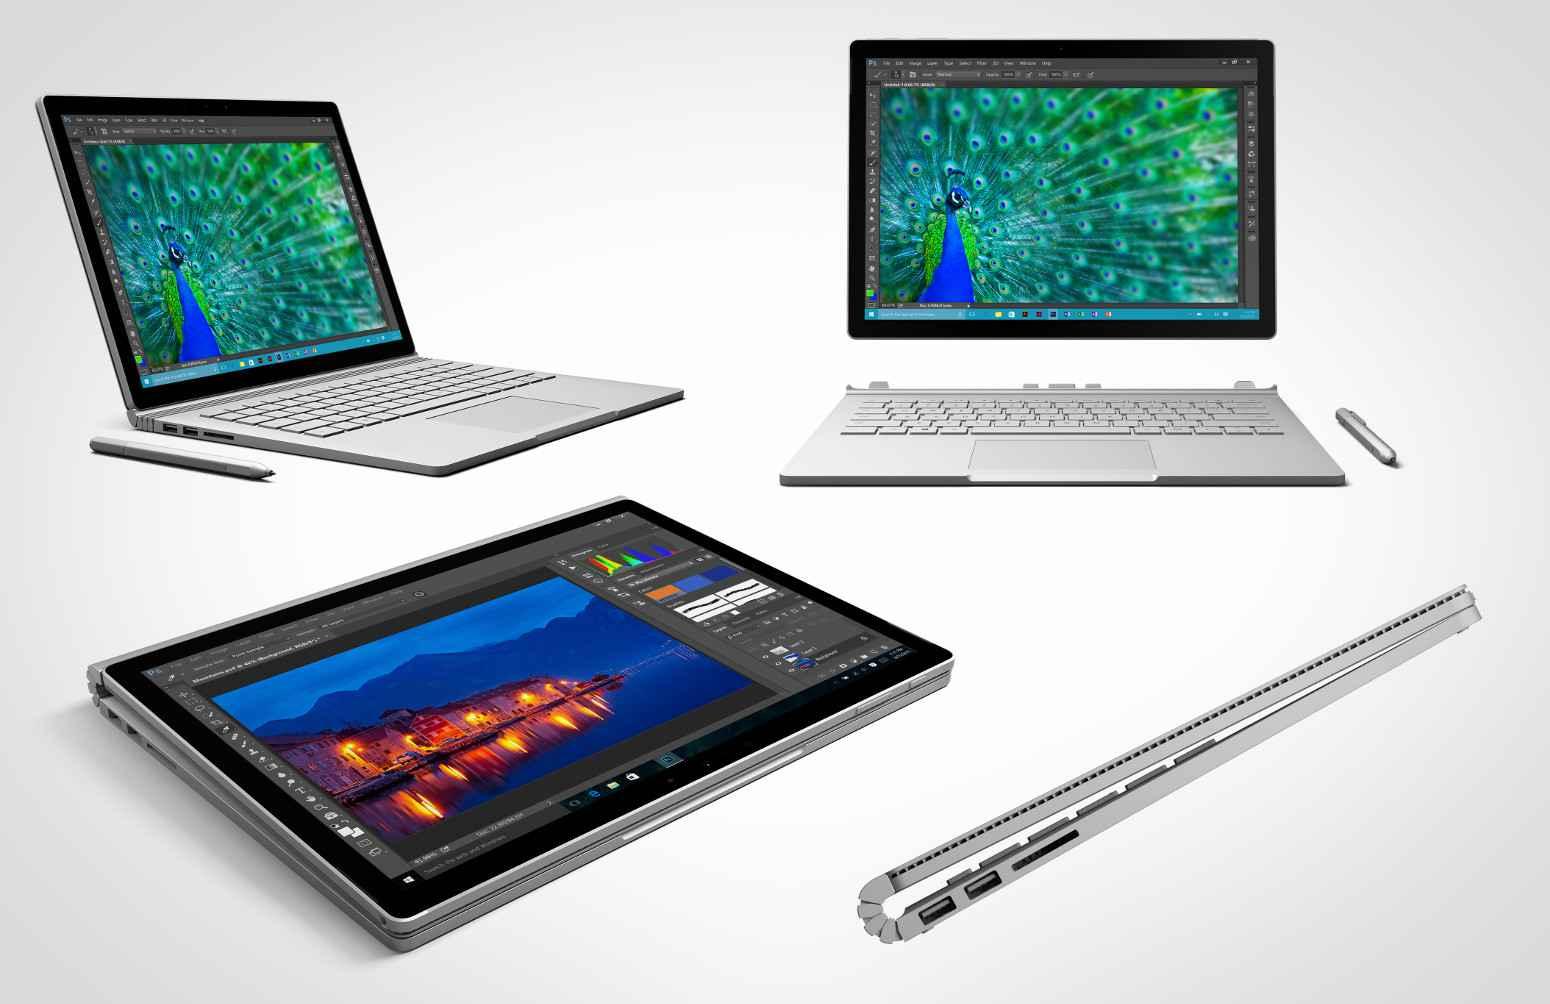 Surface-Book-%D8%B3%D9%8A%D8%B1%D9%81%D8%B3-%D8%A8%D9%88%D9%83 حواسيب كروم بوك الأفضل للتعليم لكن ليس للتصميم و الإنتاج و البرمجة